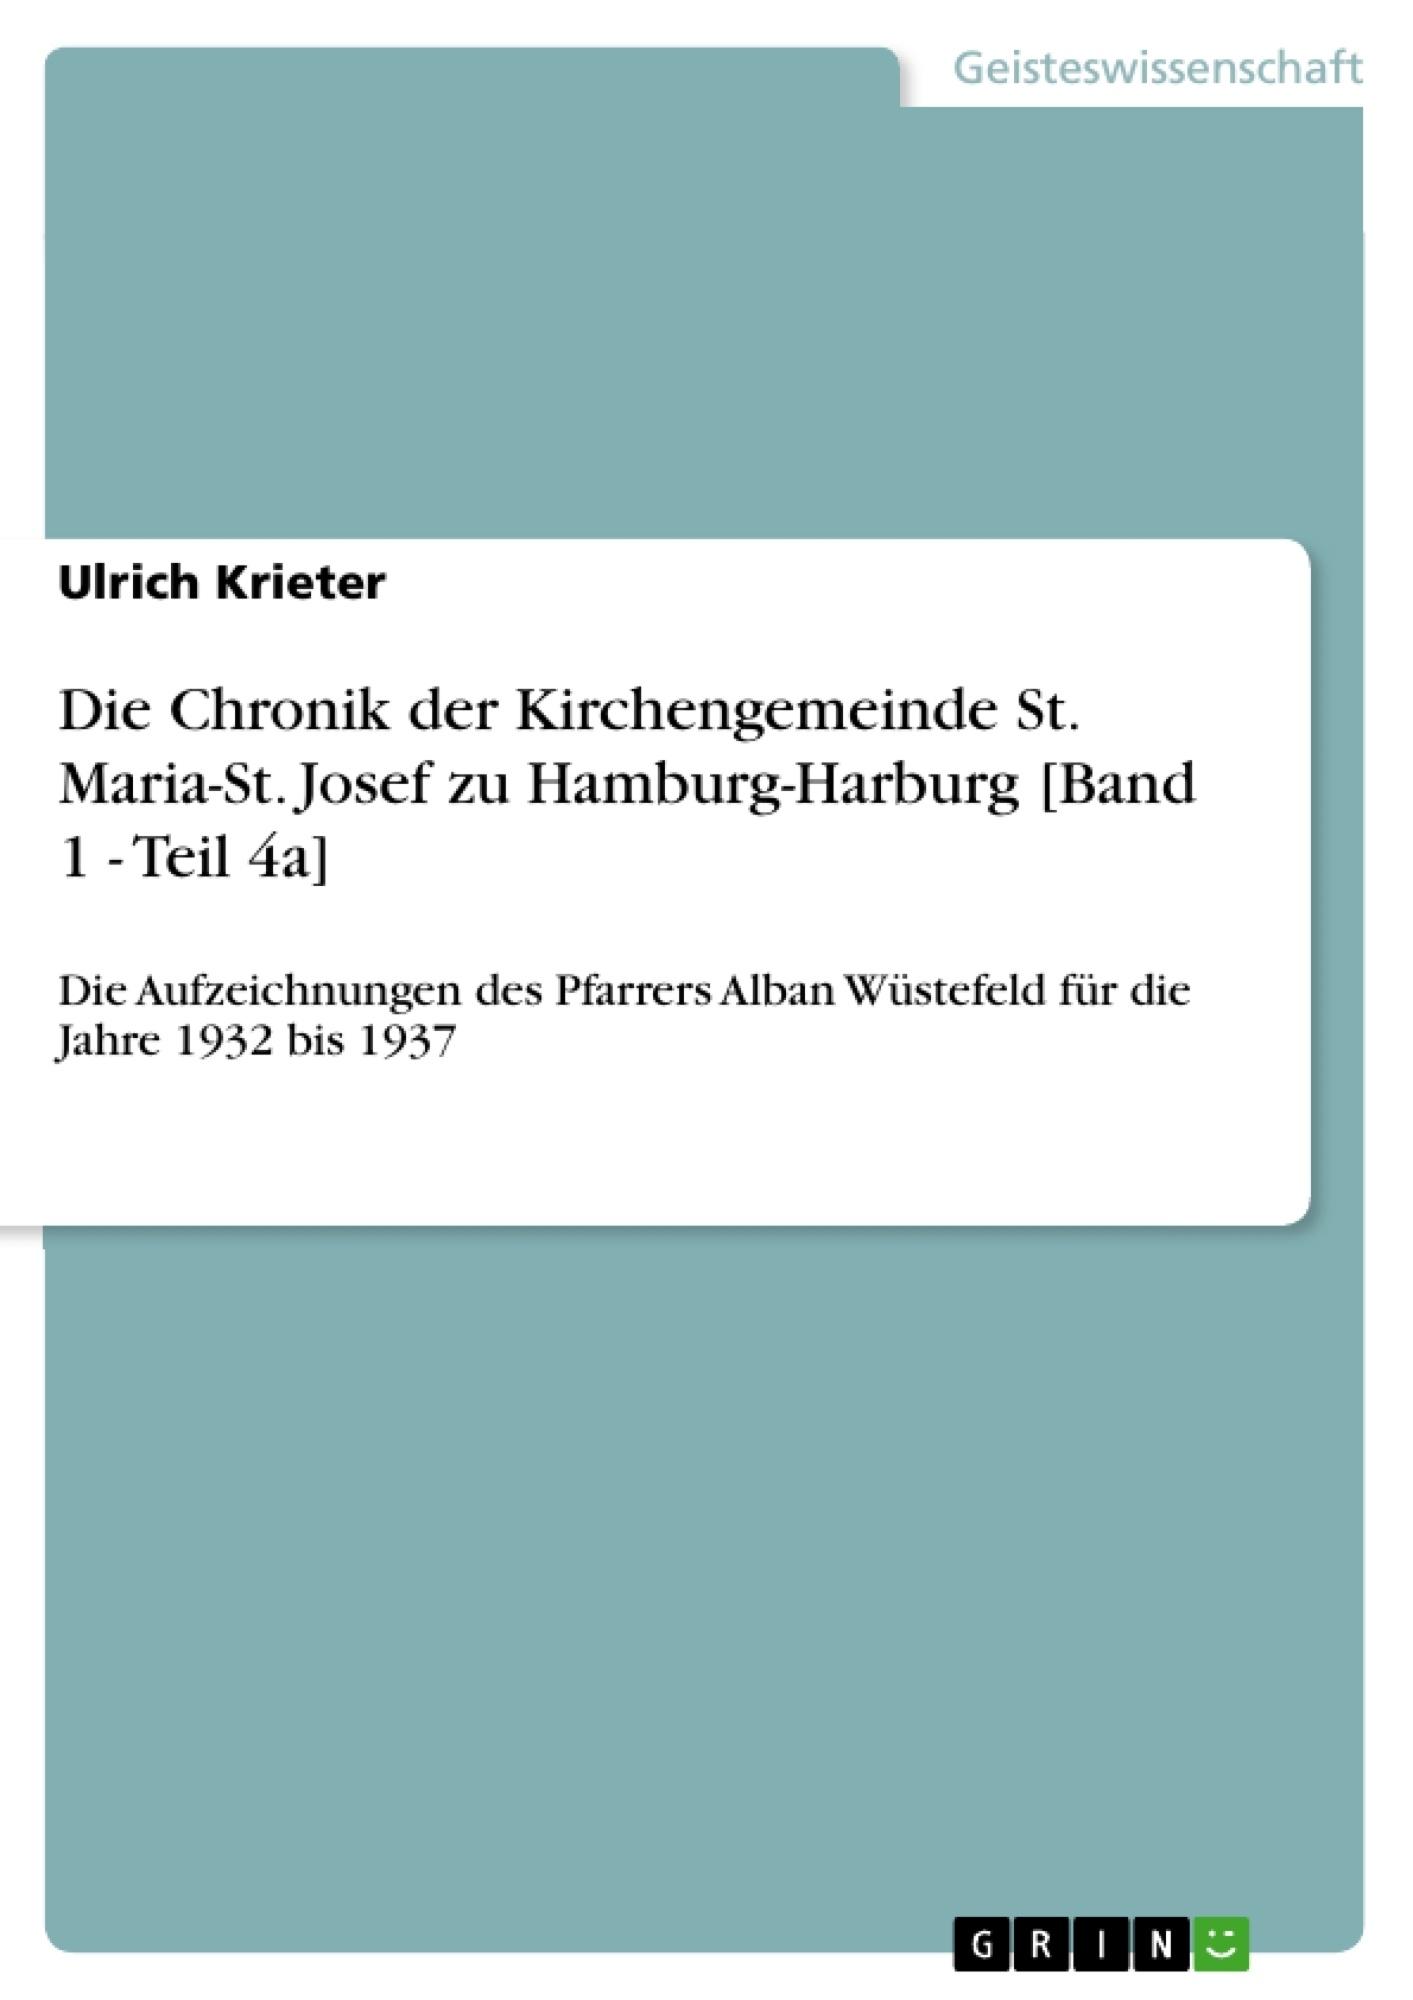 Titel: Die Chronik der Kirchengemeinde St. Maria-St. Josef zu Hamburg-Harburg [Band 1 - Teil 4a]